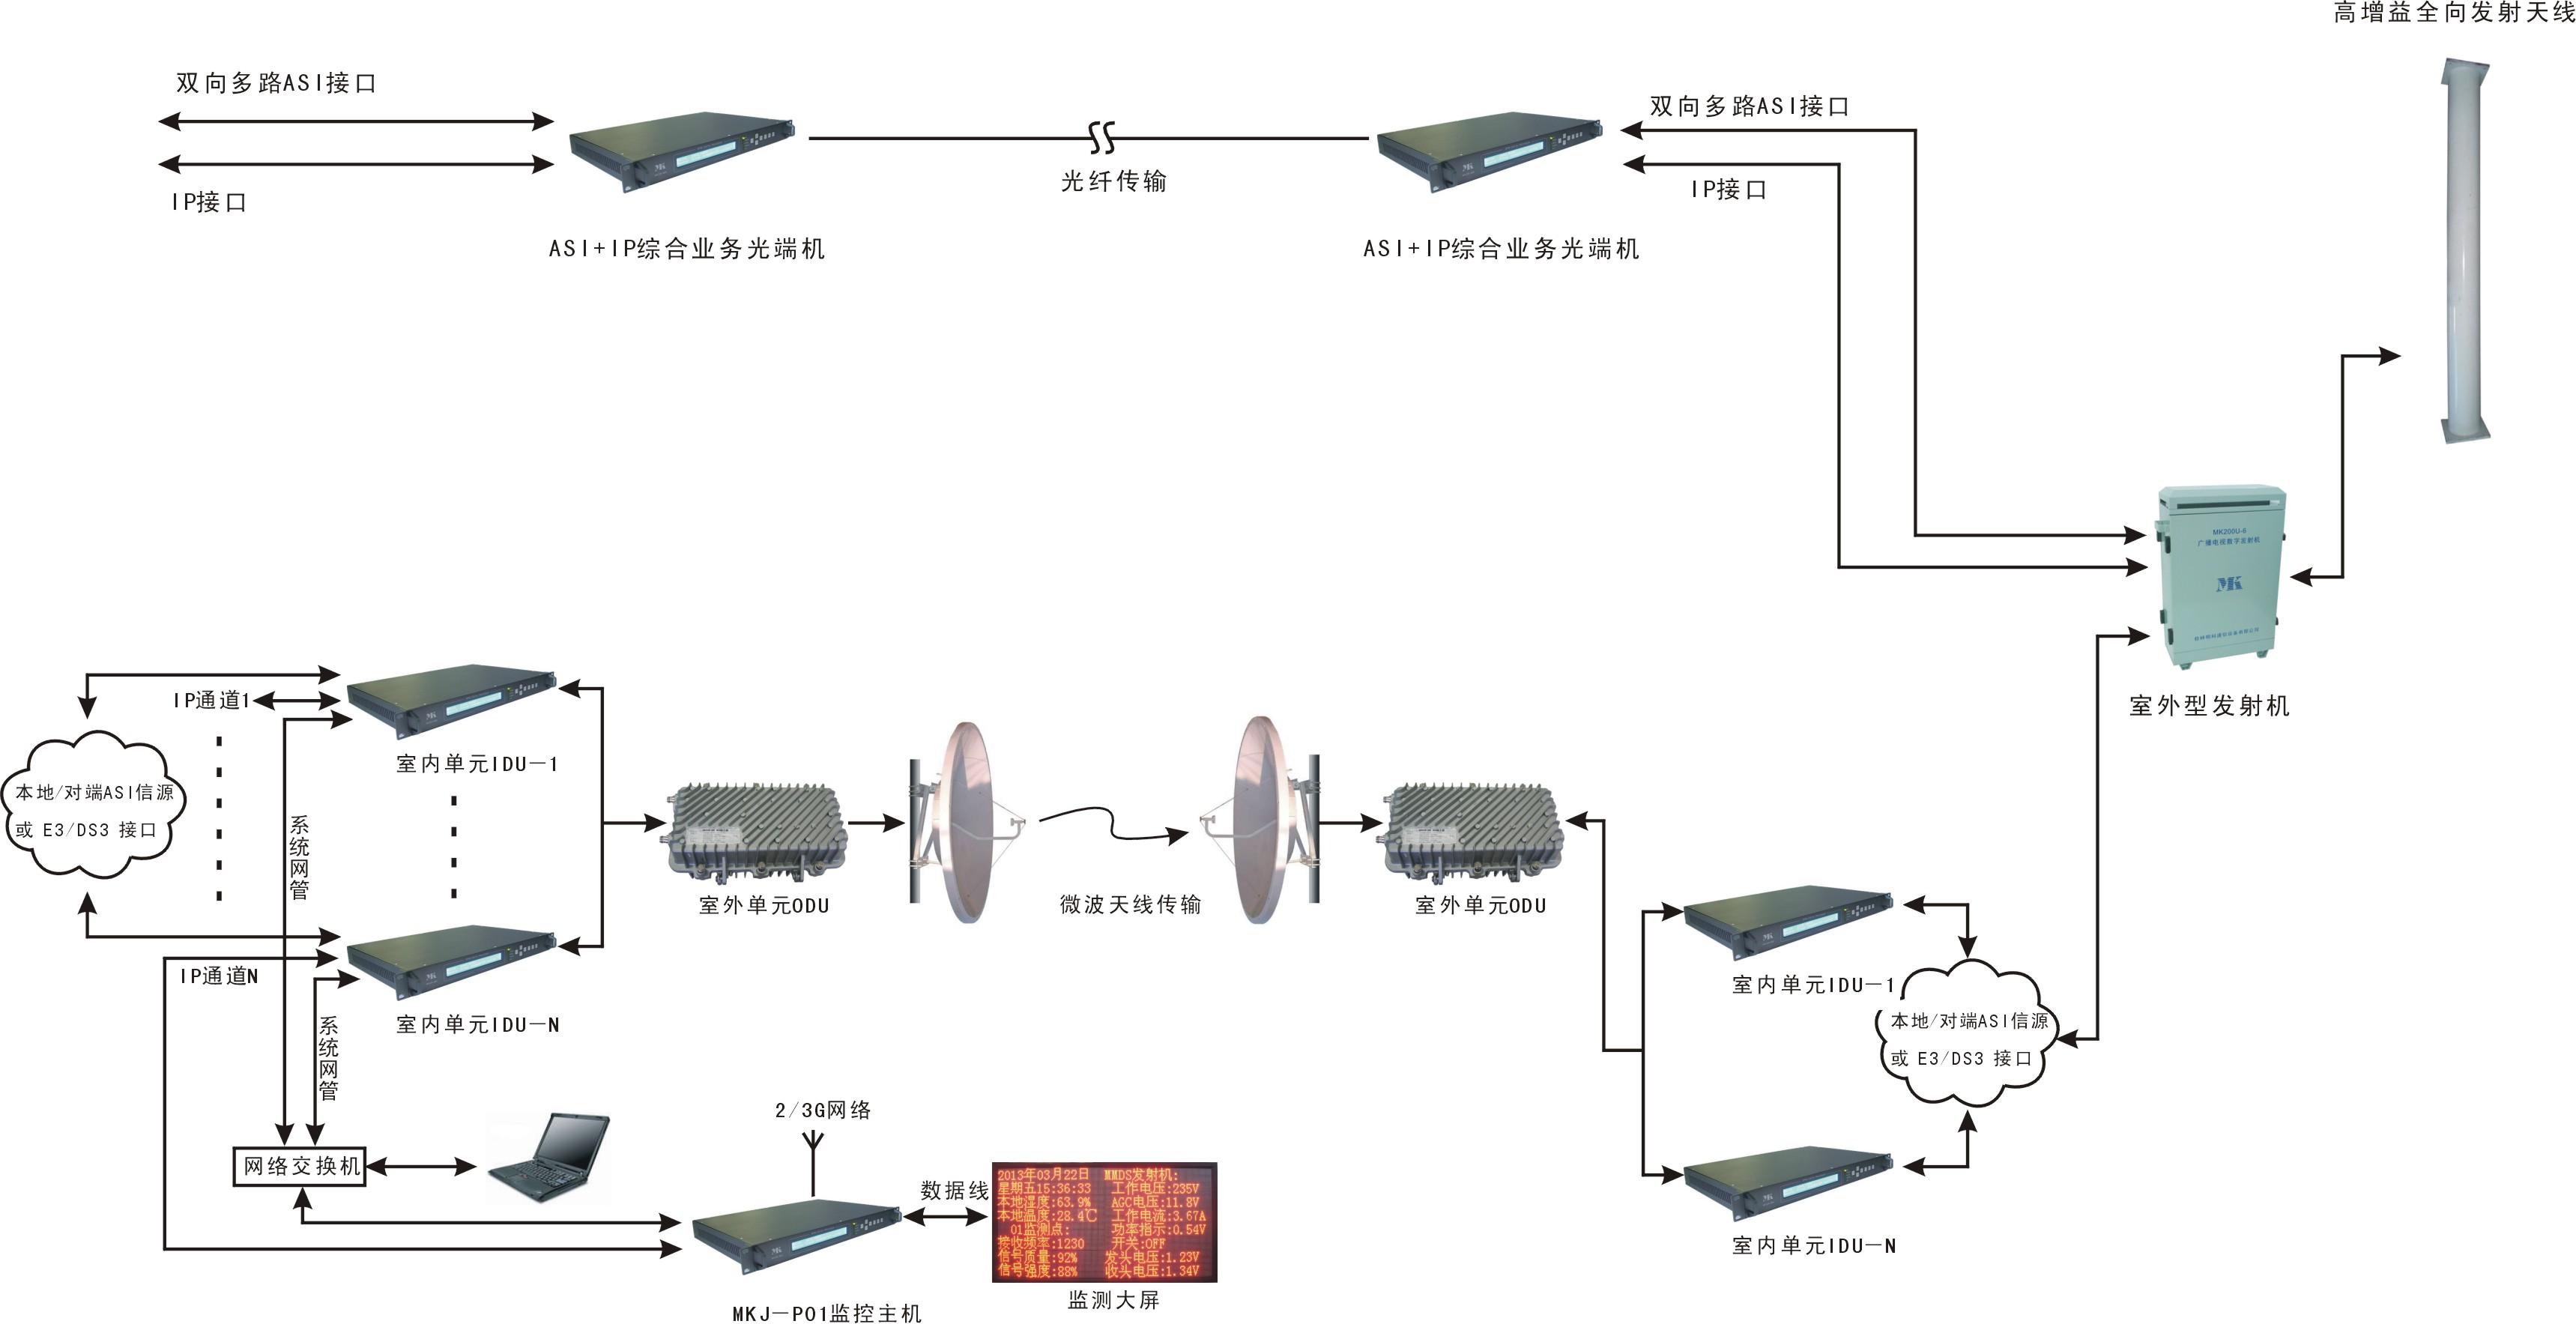 国产牛牛数字电视ASI+IP数字微波传输系统